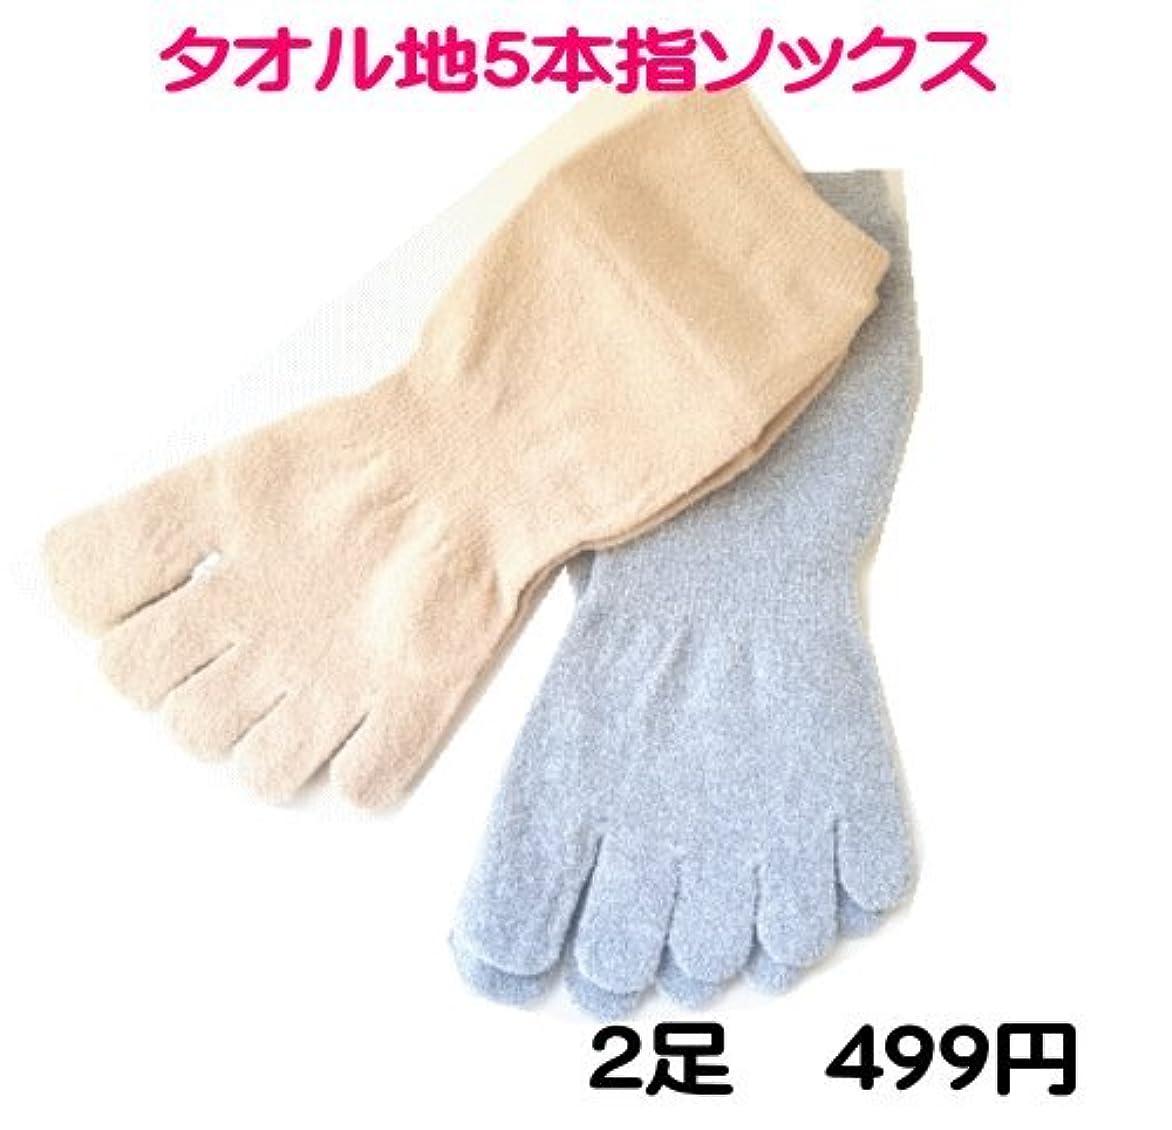 他の日浸透する移行する在庫一掃 タオルのような肌触り 5本指 ソックス ショート丈 2足組 太陽ニット